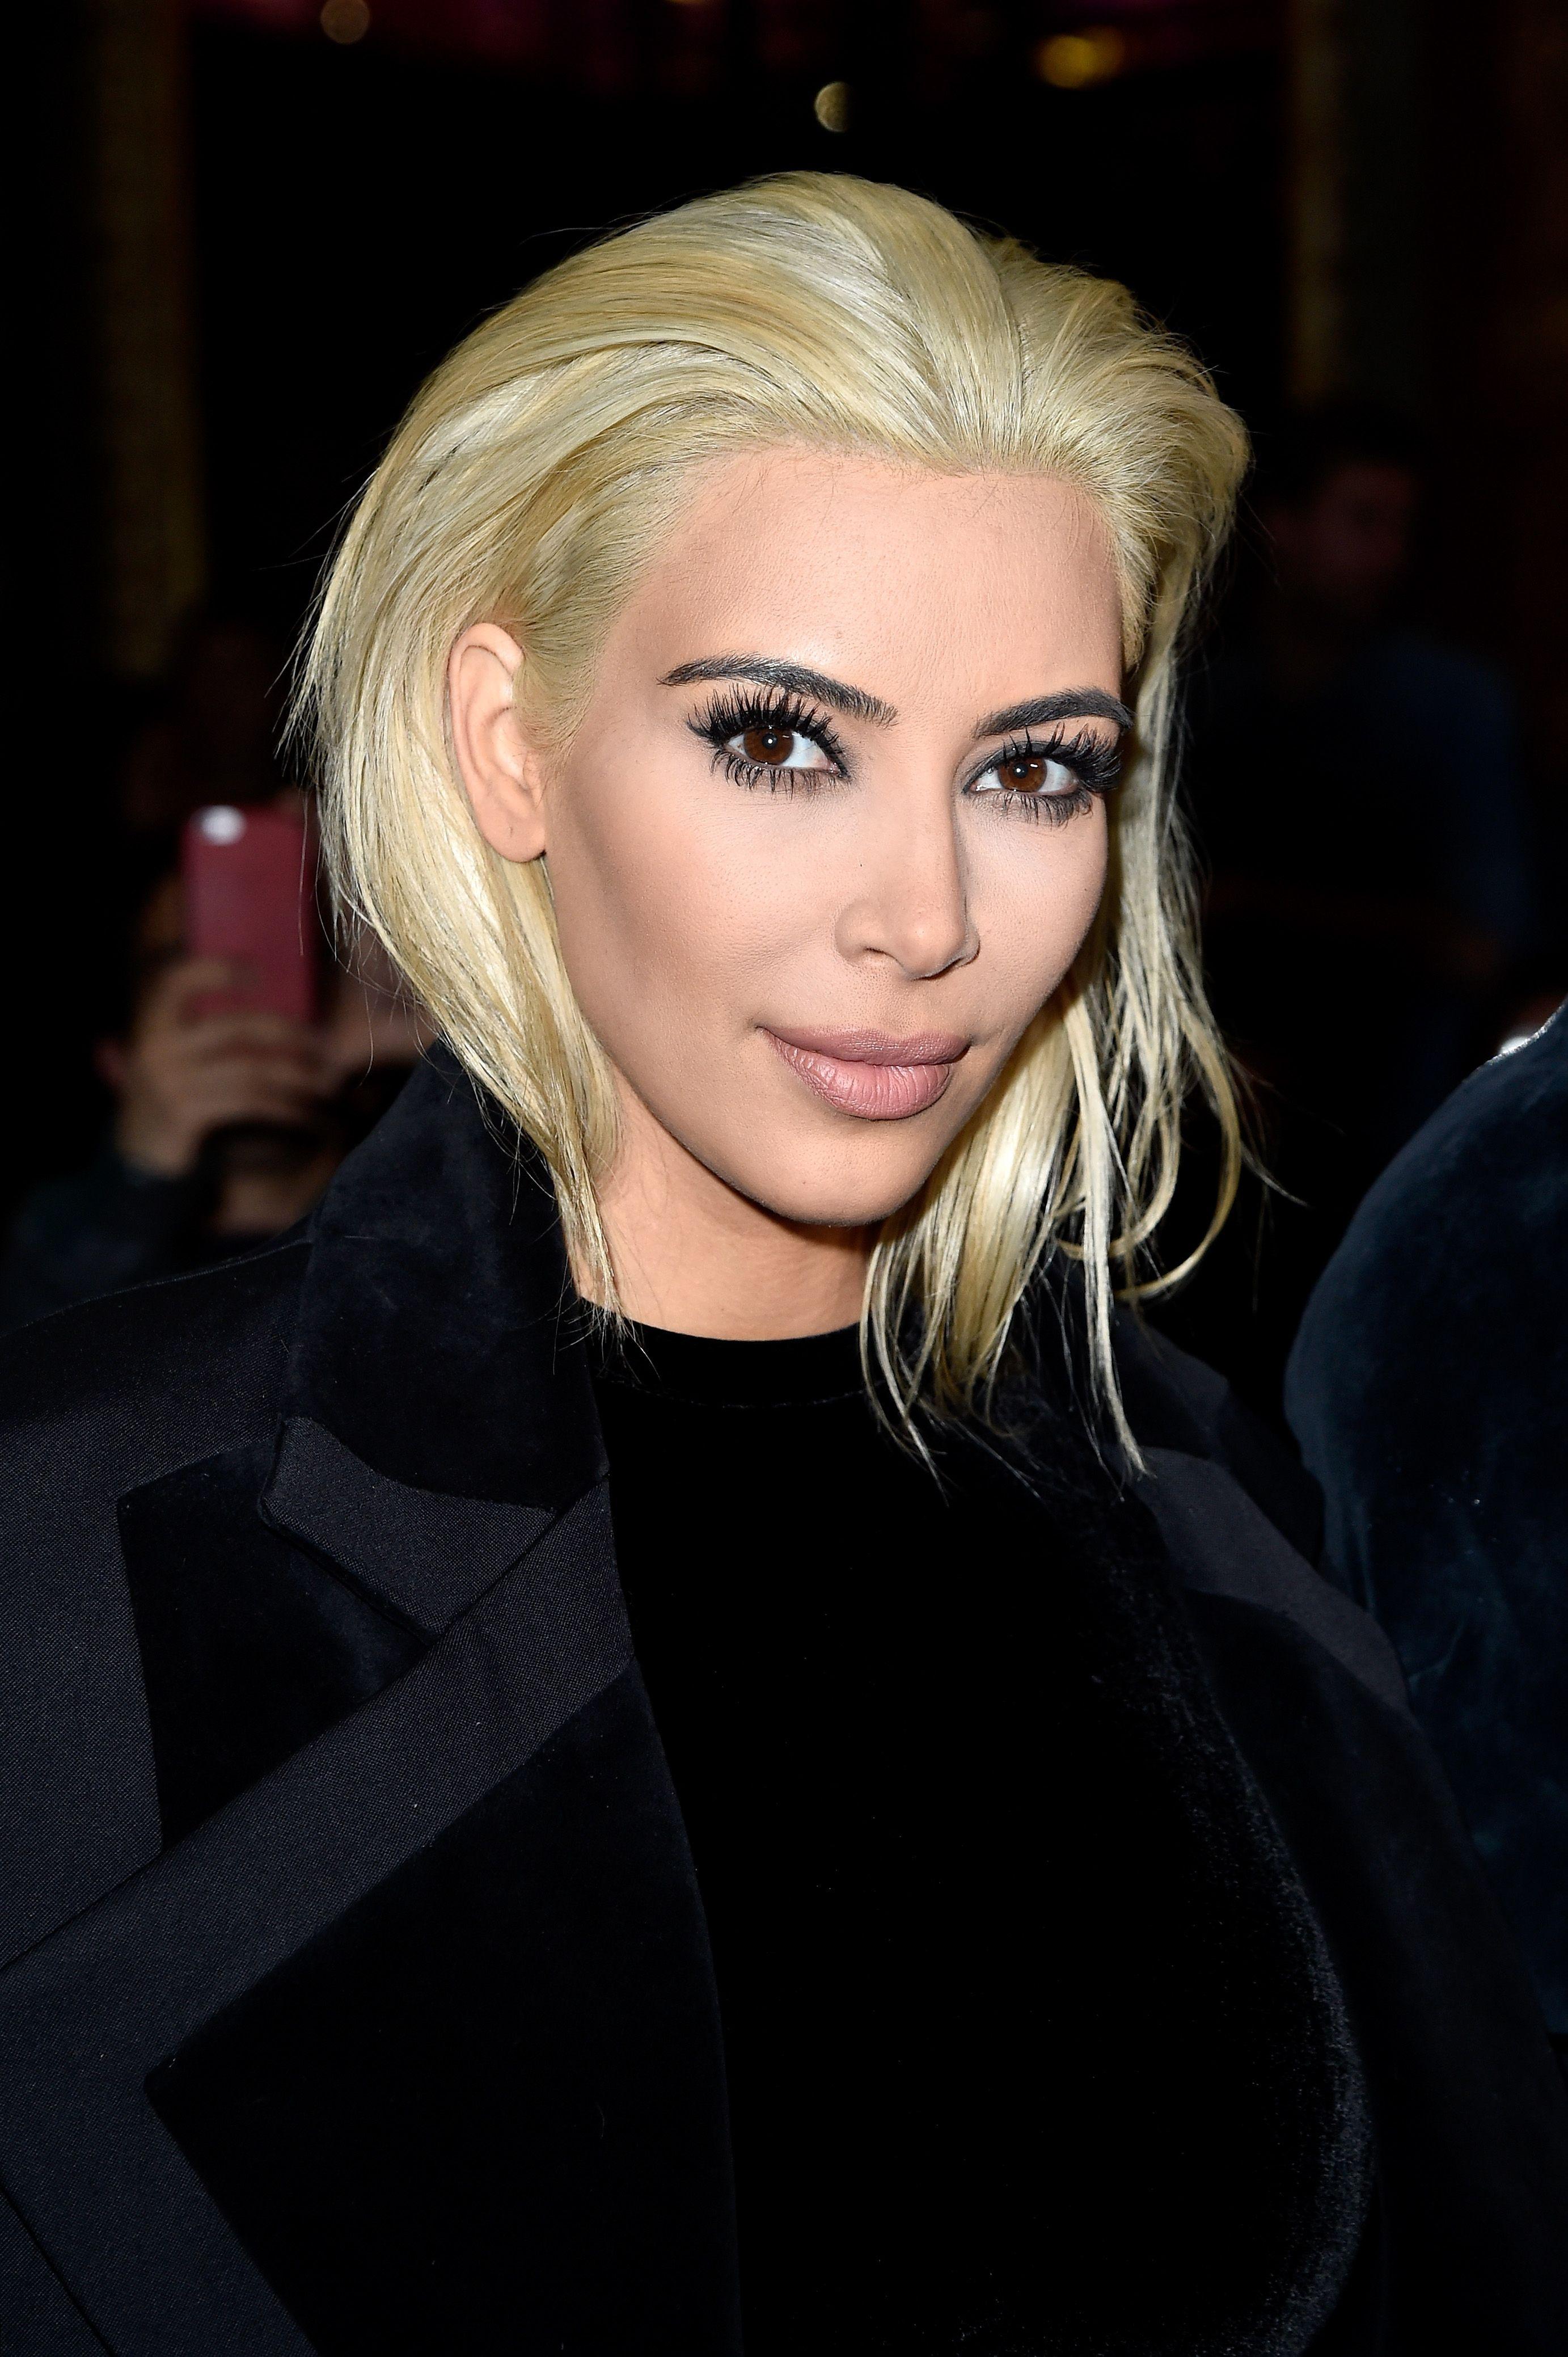 Фото блондинки с зализанным волосом 6 фотография